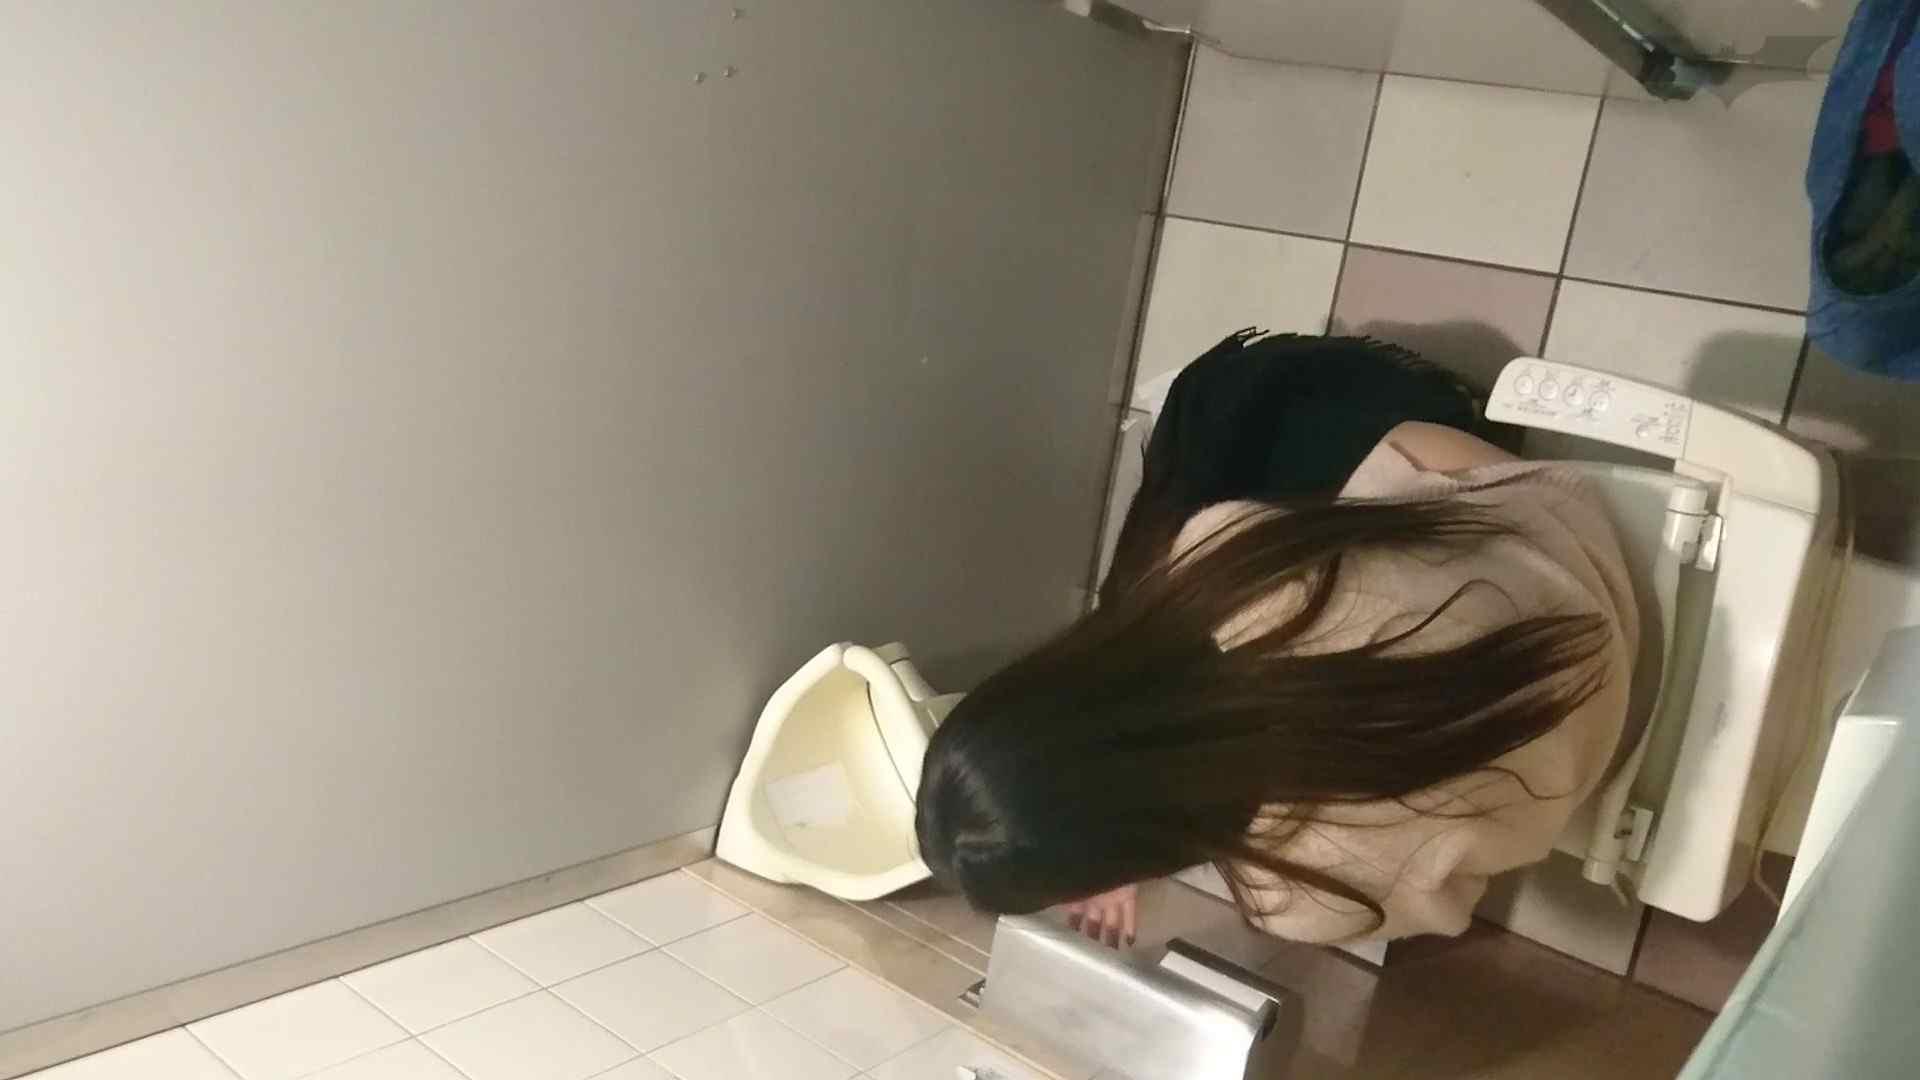 化粧室絵巻 ショッピングモール編 VOL.15 盛合せ  51PIX 34